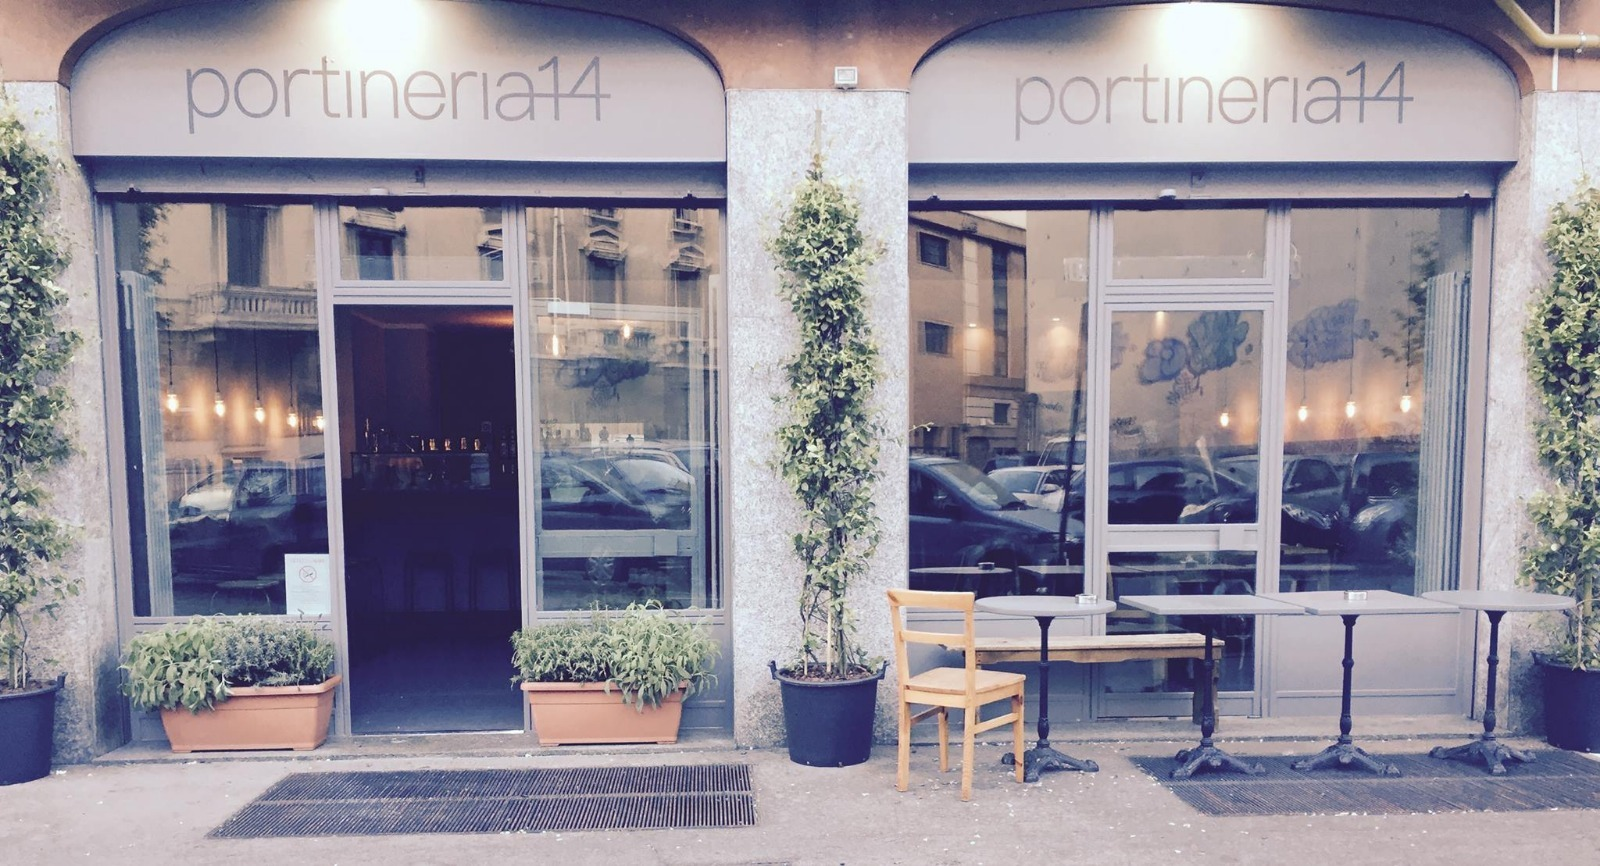 Apre a Milano Portineria14: un bar che è anche portineria